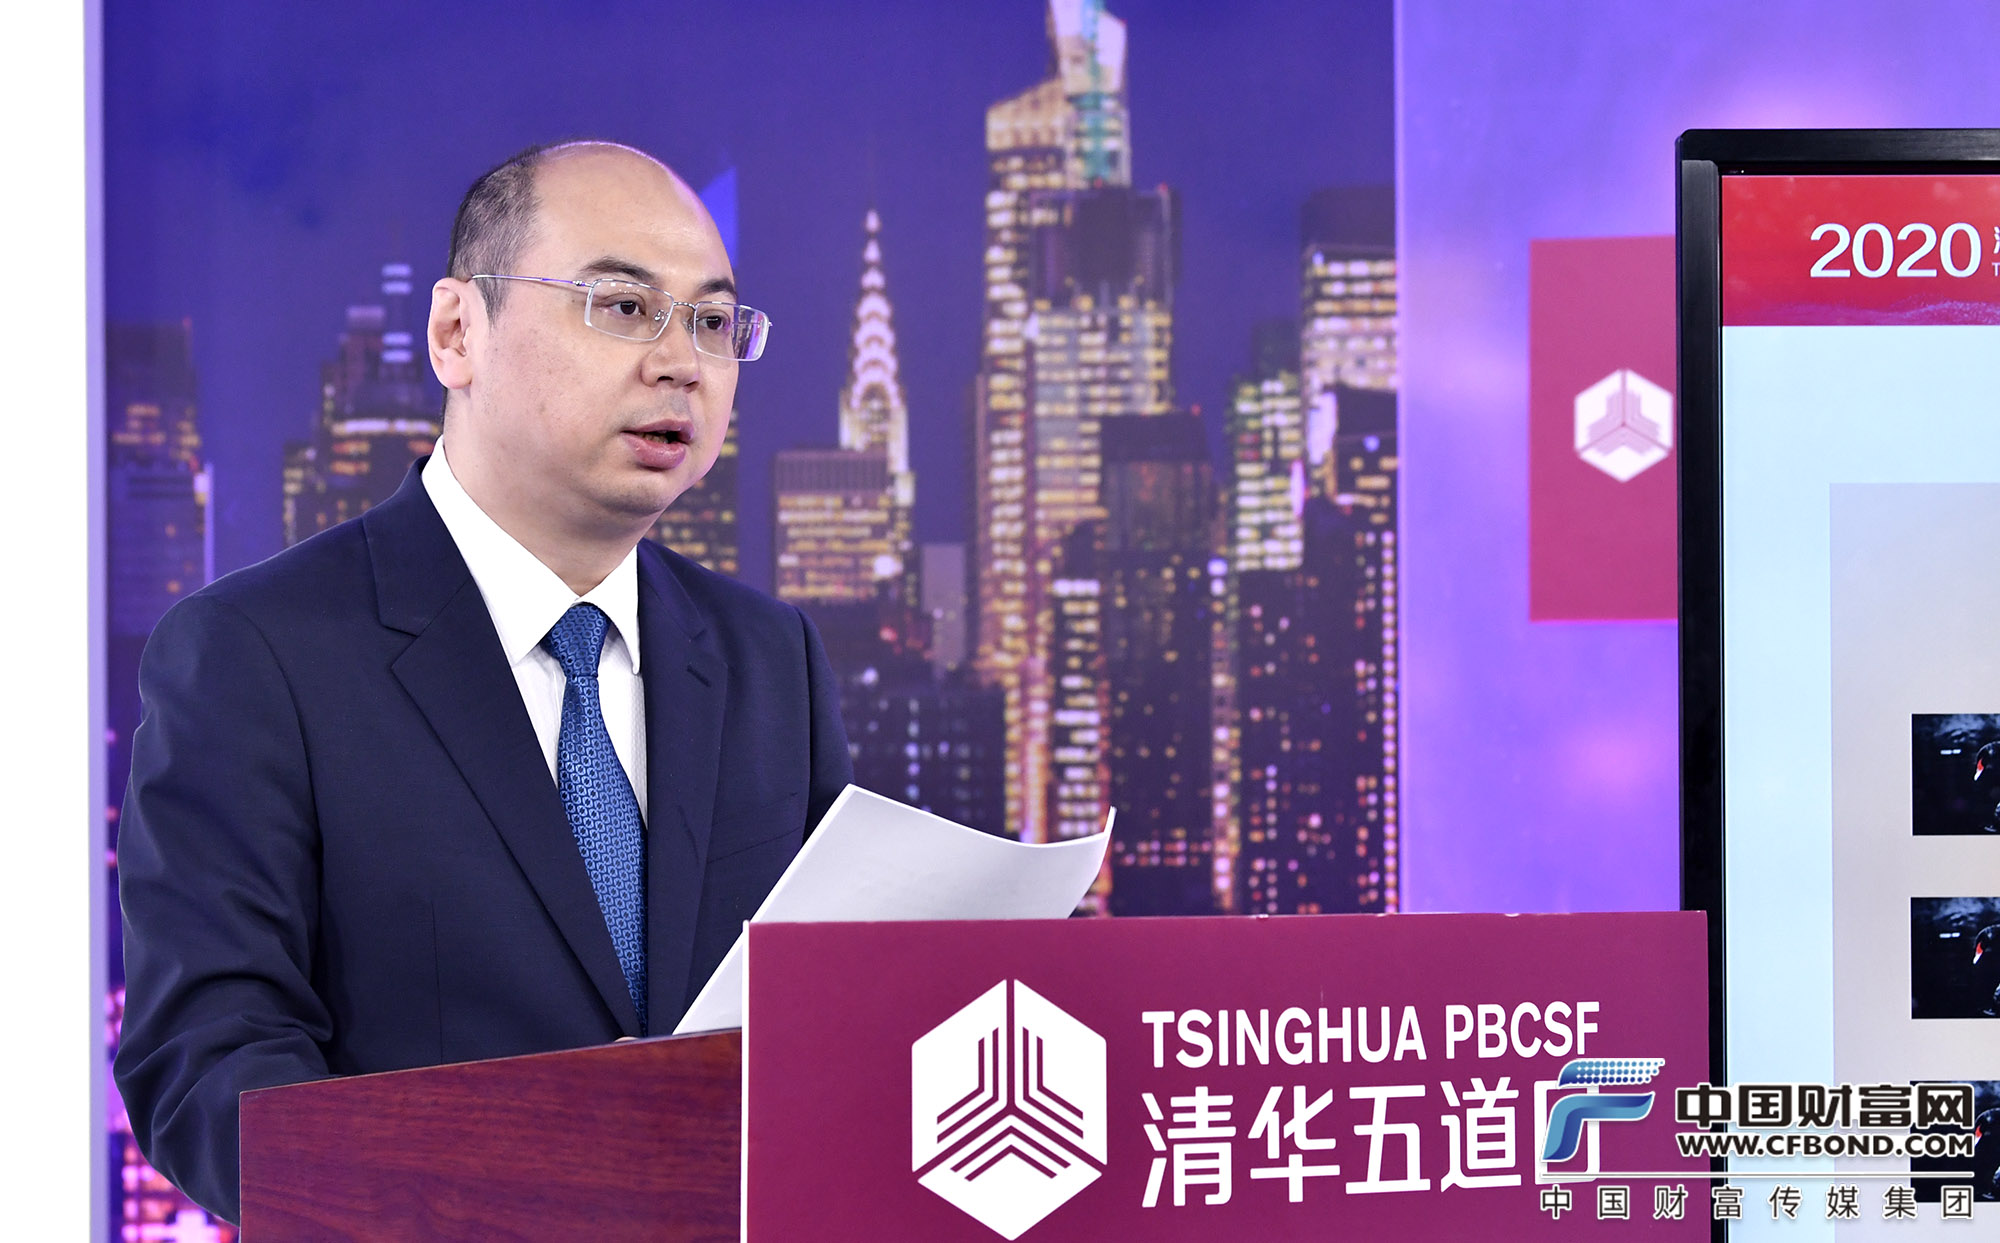 中保保险资产登记交易系统有限公司总经理袁平海